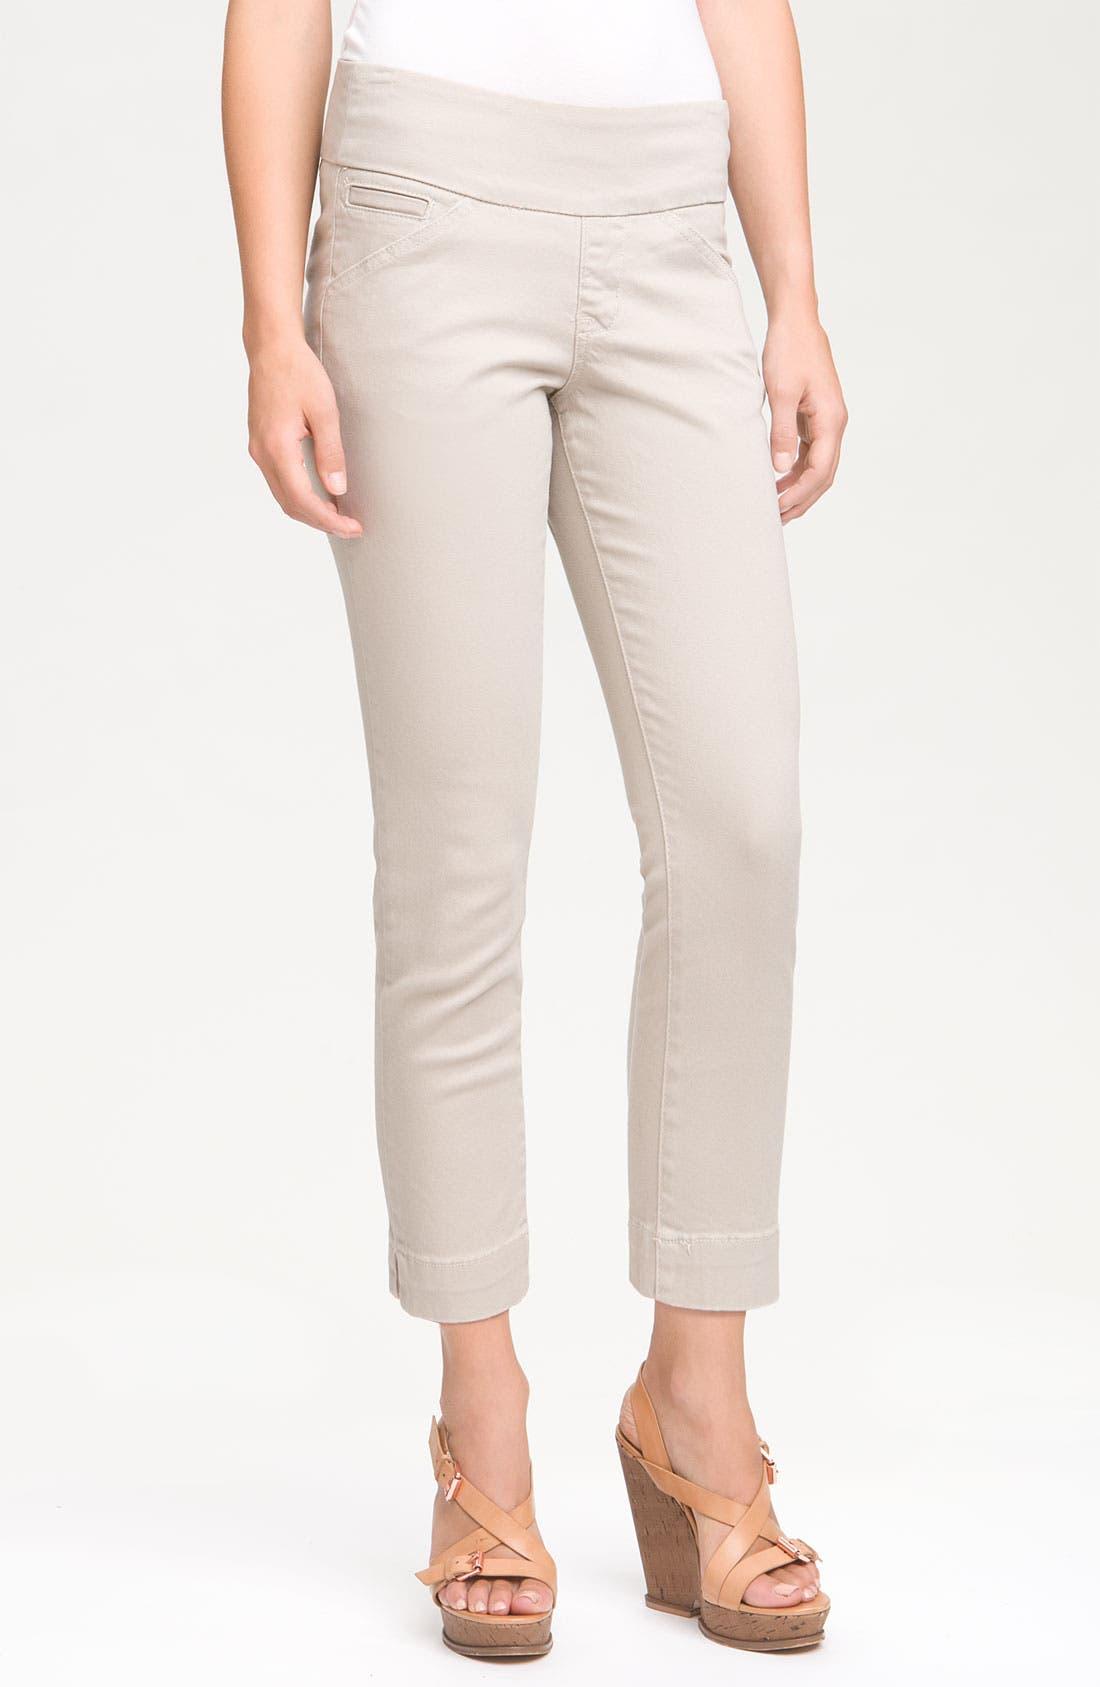 Main Image - Jag Jeans 'Attie' Slim Ankle Jeans (Petite)